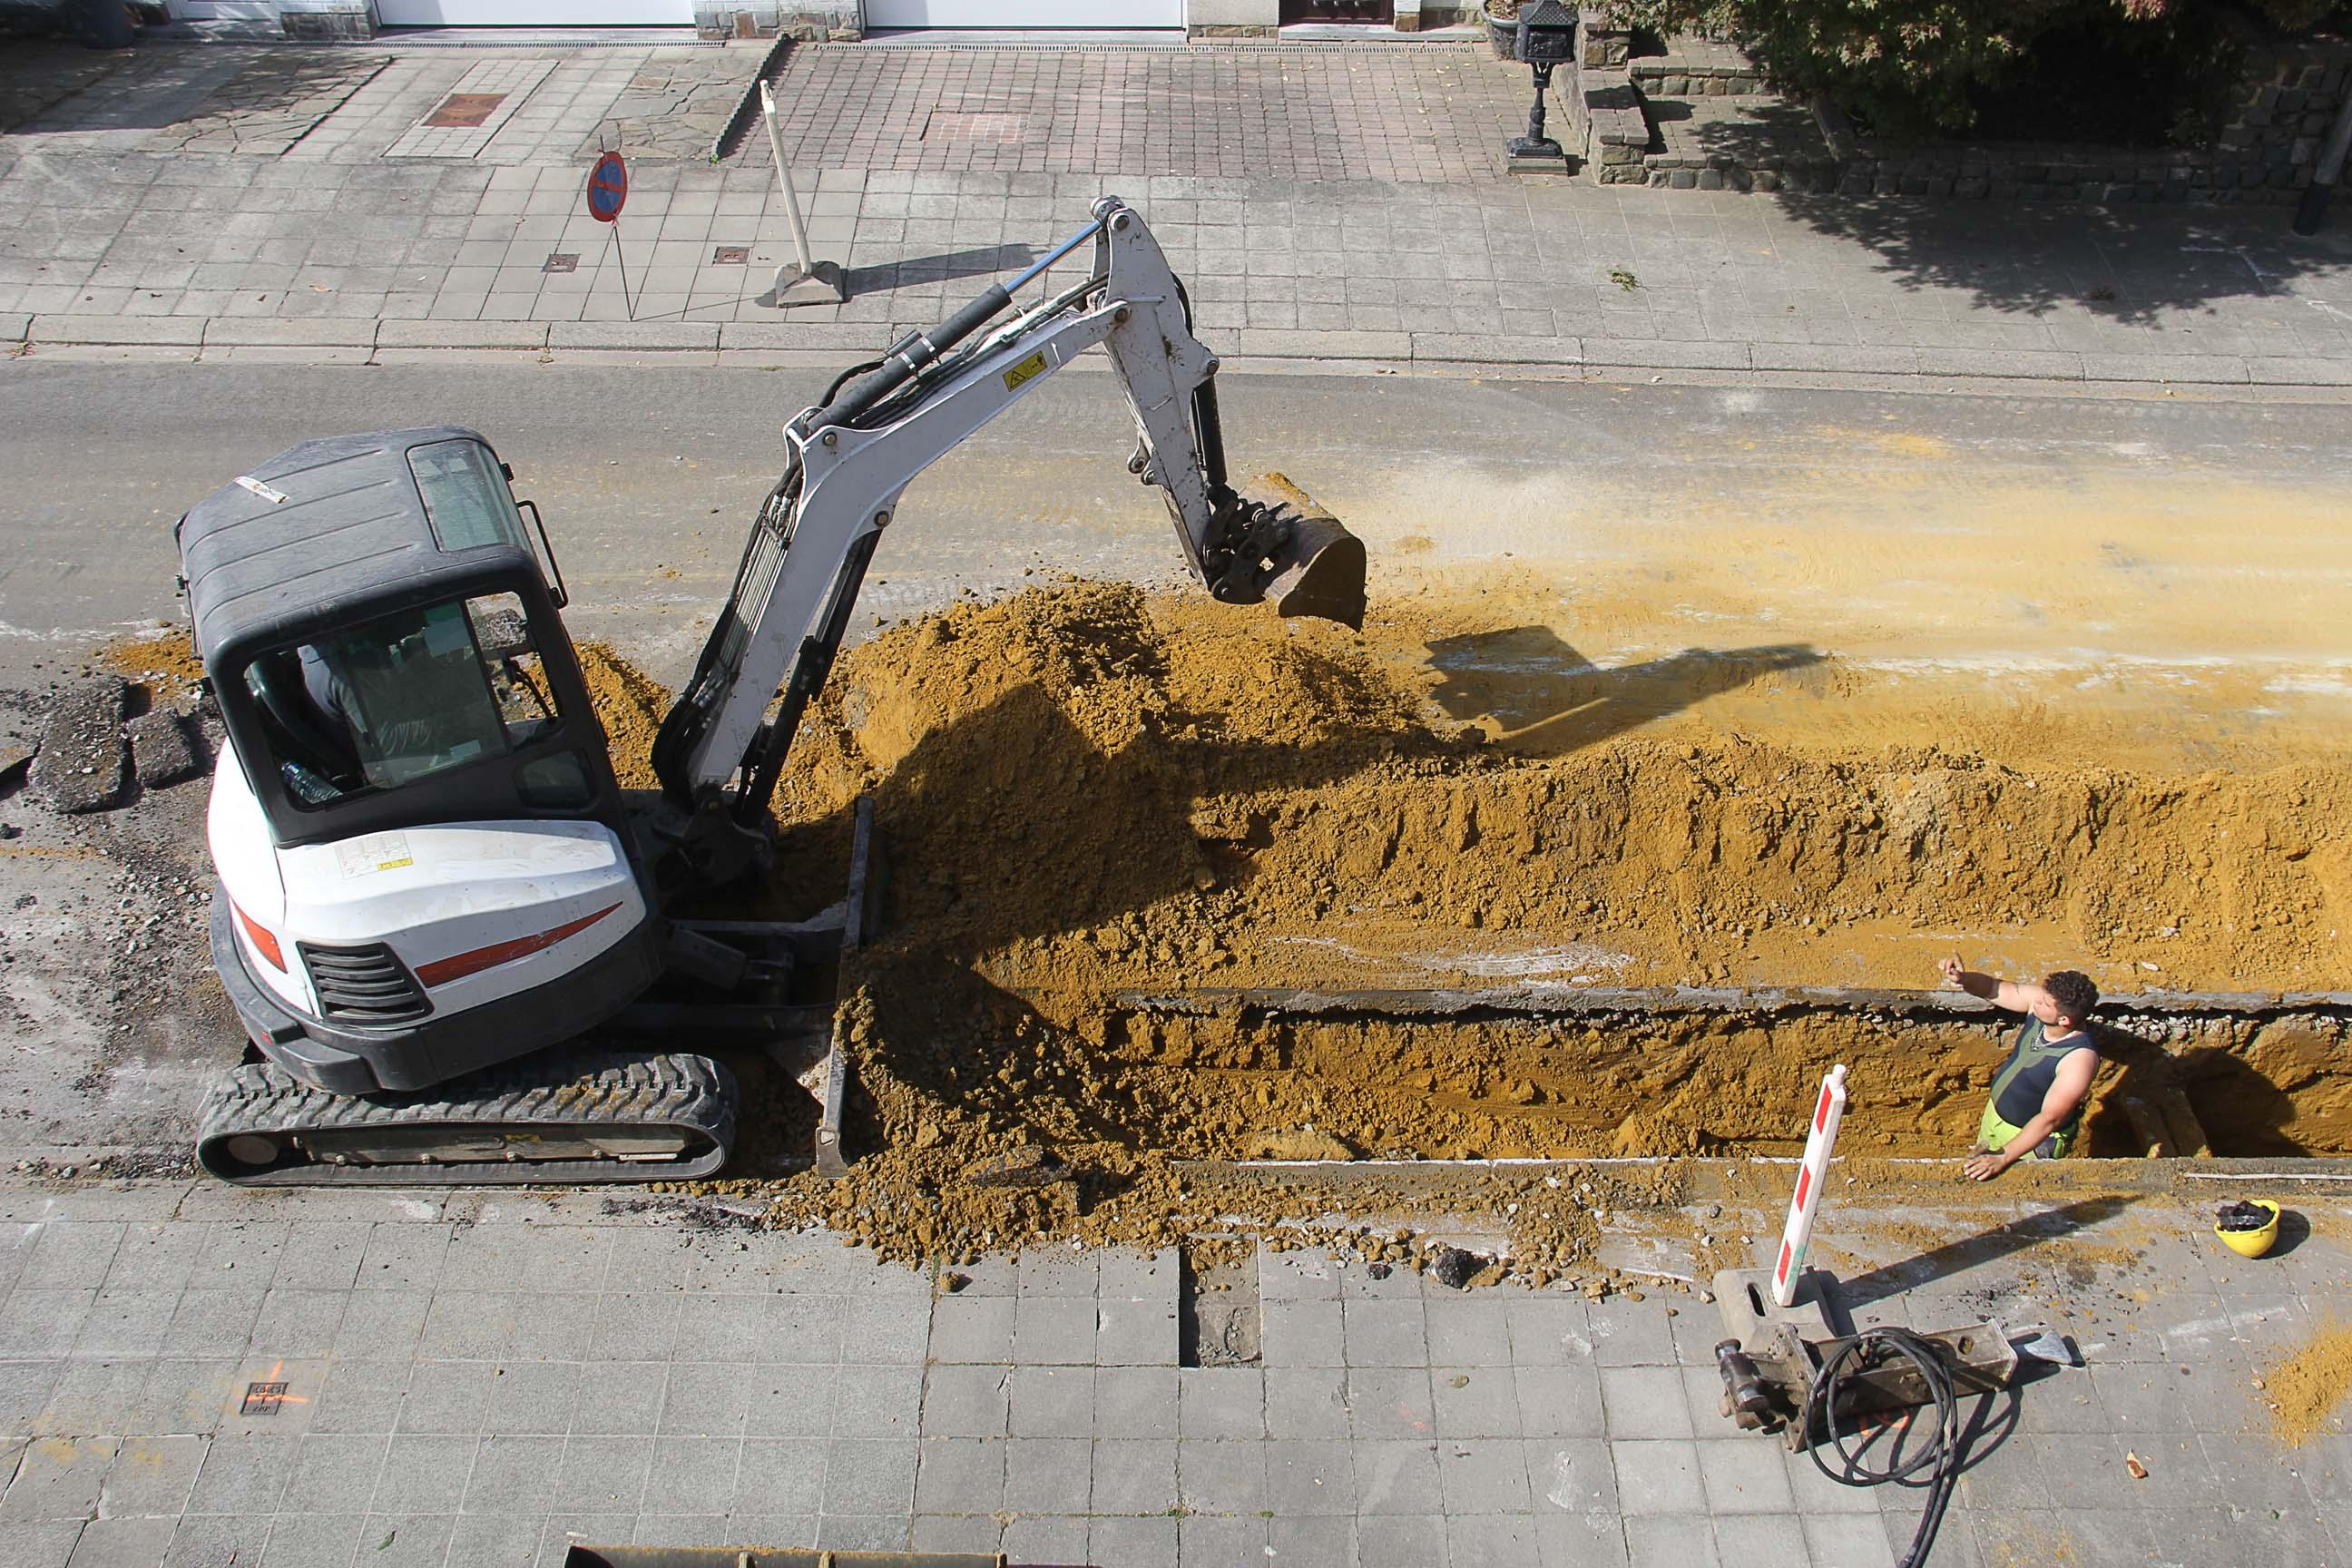 Plumbing & Excavating